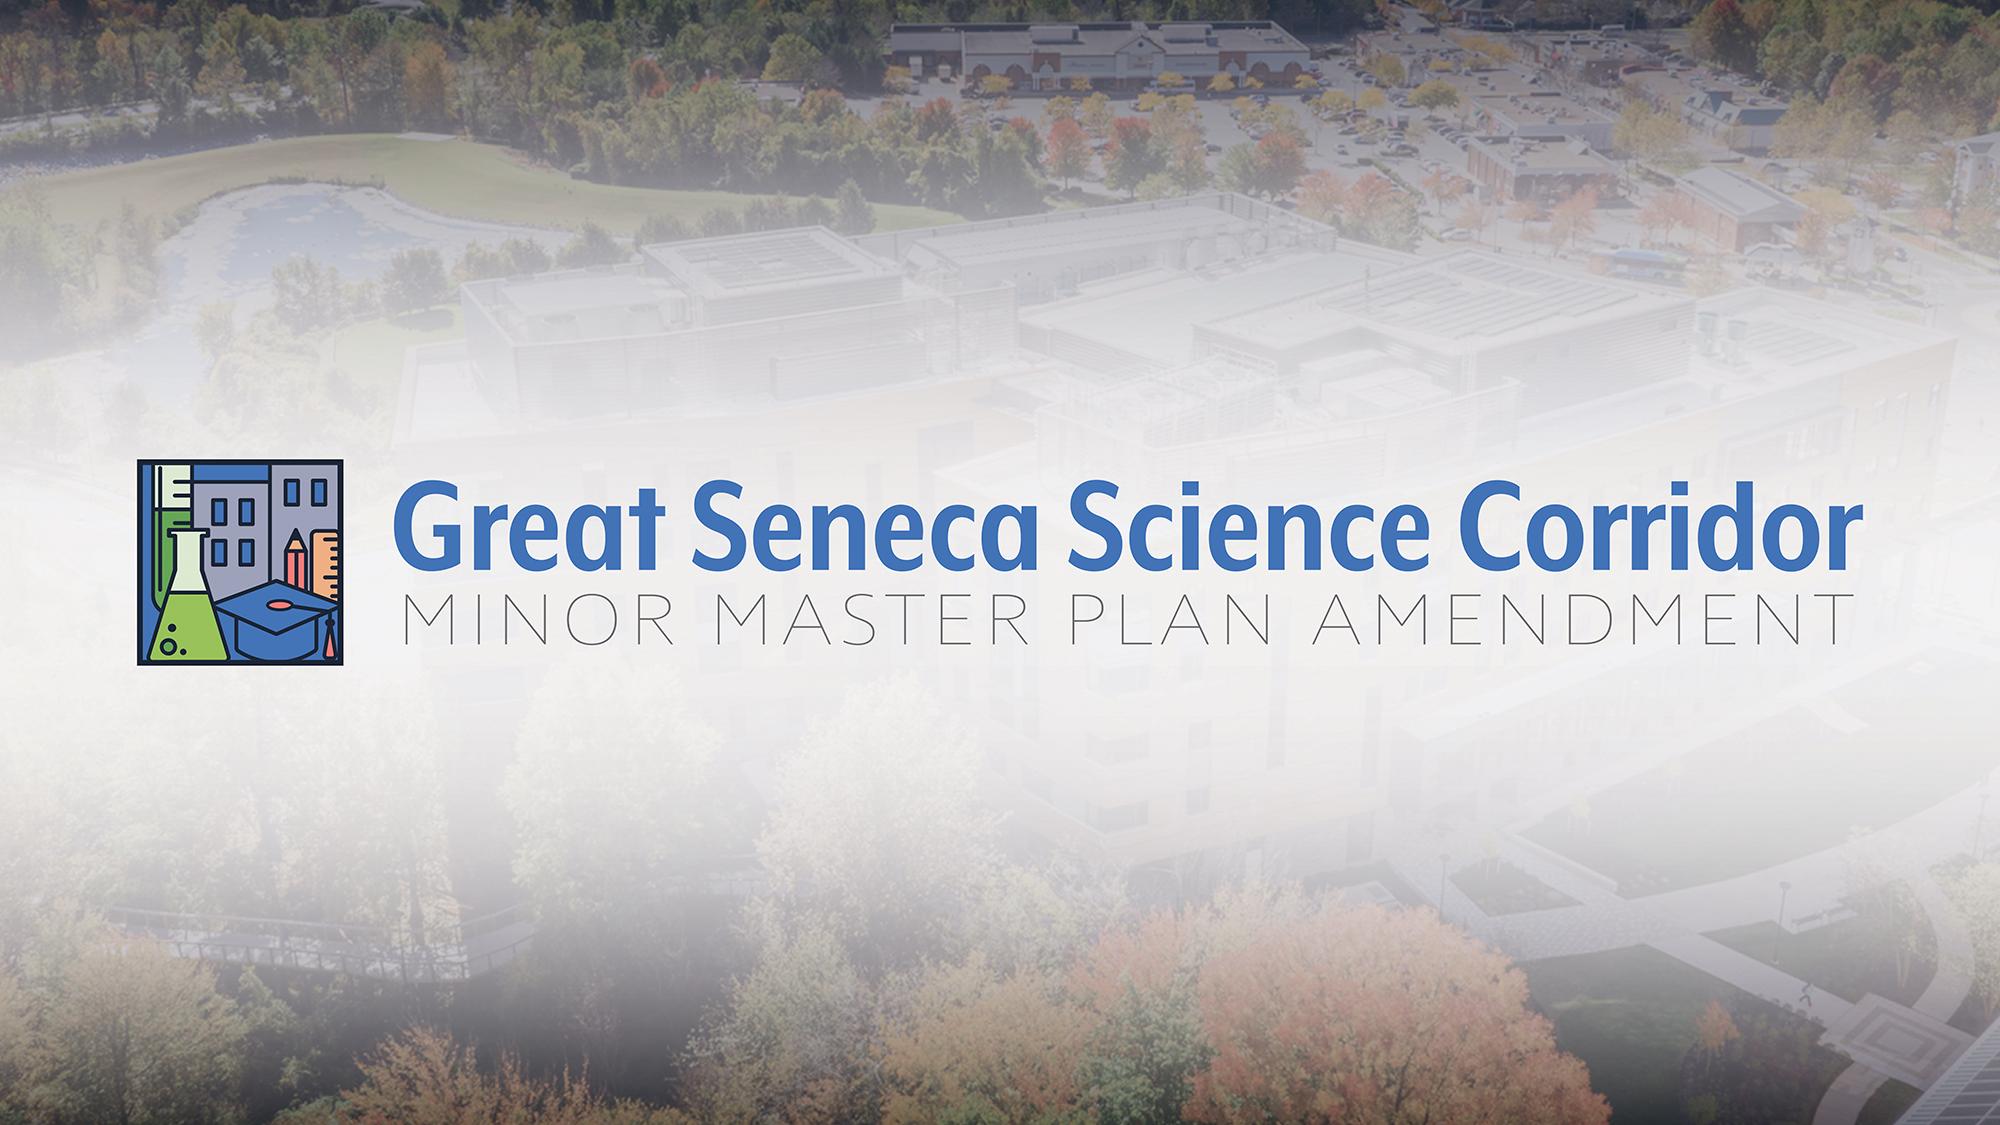 Great Seneca Science Center Minor Master Plan